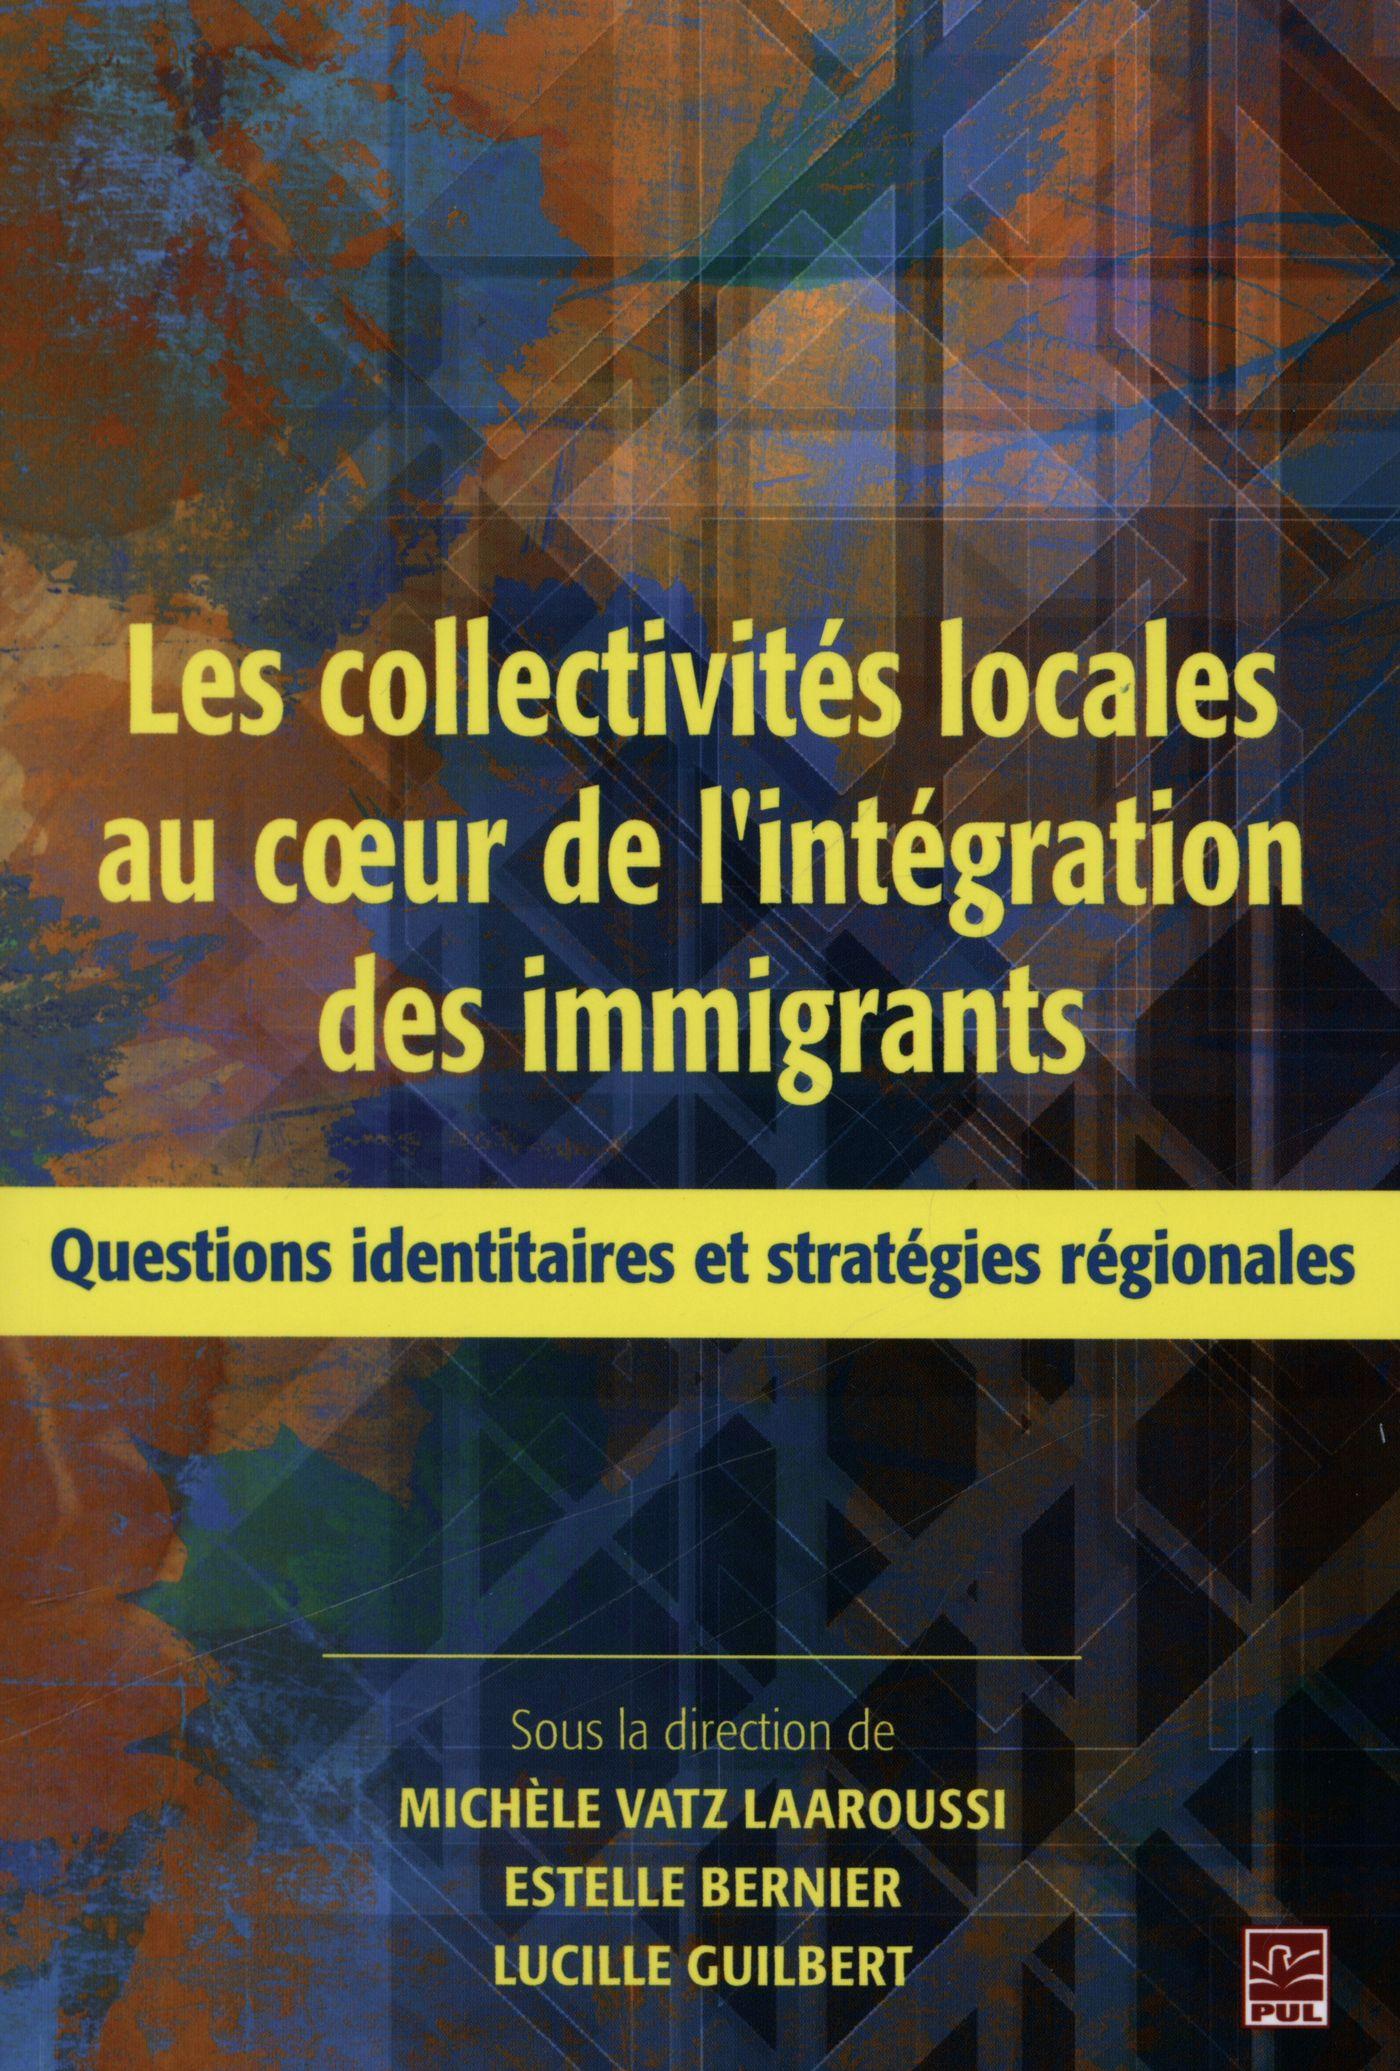 Collectivités locales au coeur de l'intégration des immig...